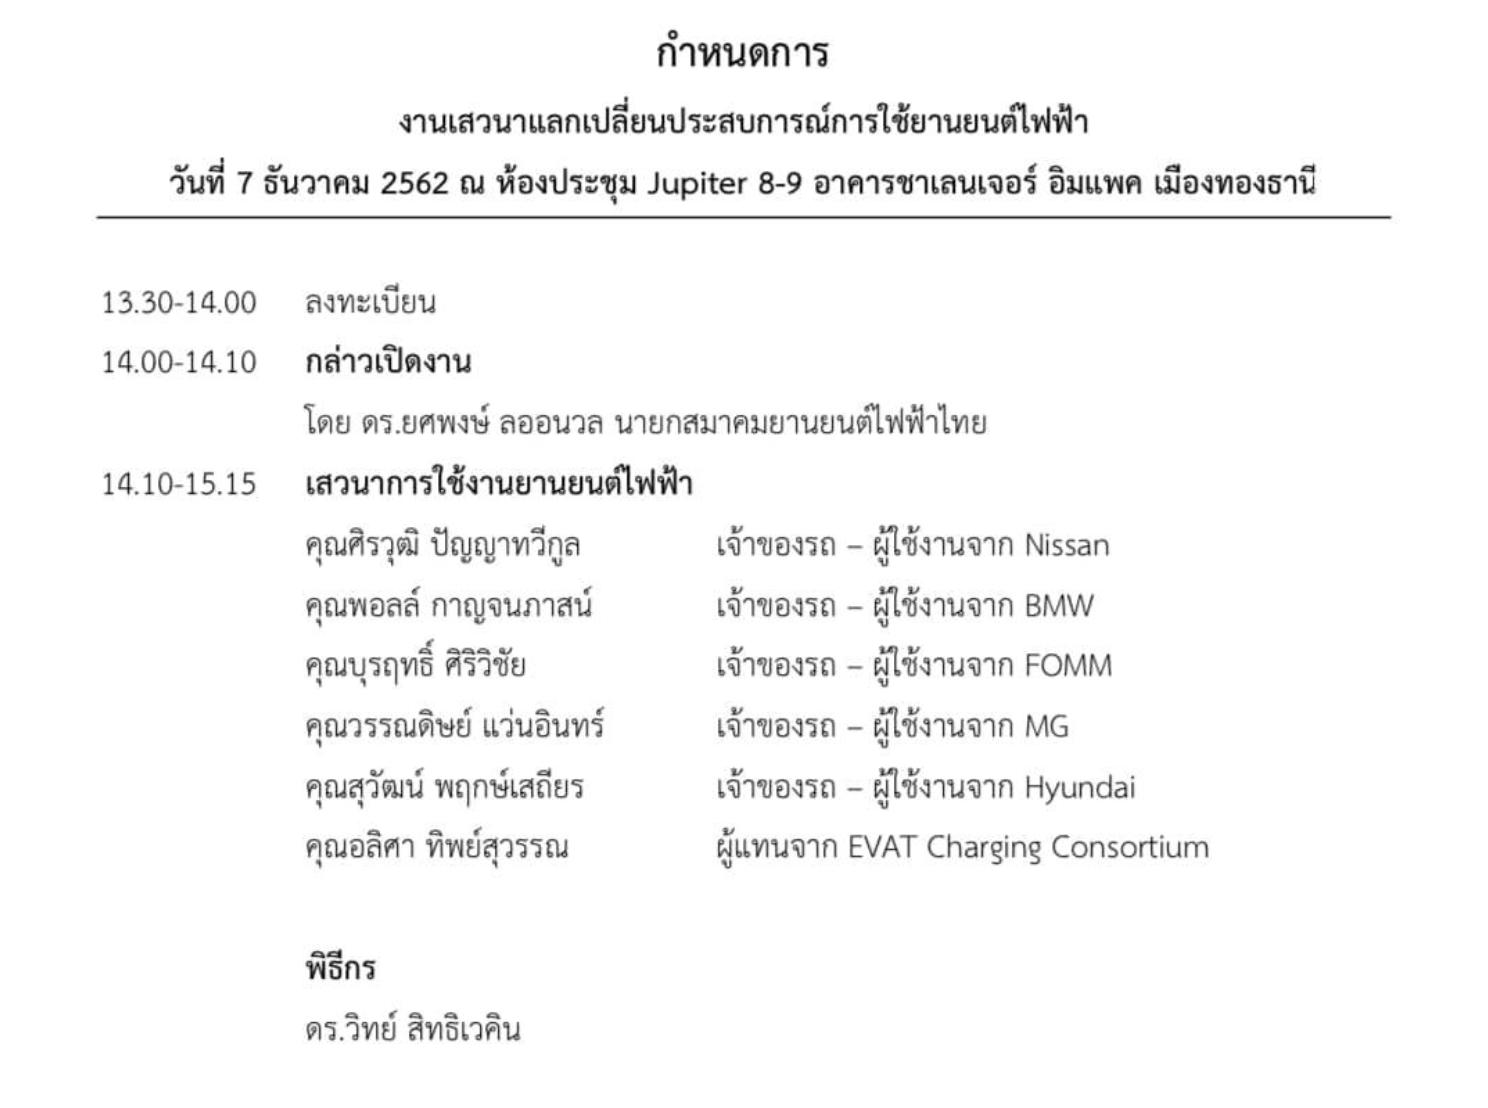 """สมาคมยานยนต์ไฟฟ้าไทย ขอเรียนเชิญท่านที่สนใจเข้าร่วมงาน """"เสวนาแลกเปลี่ยนประสบการณ์การใช้ยานยนต์ไฟฟ้า"""""""